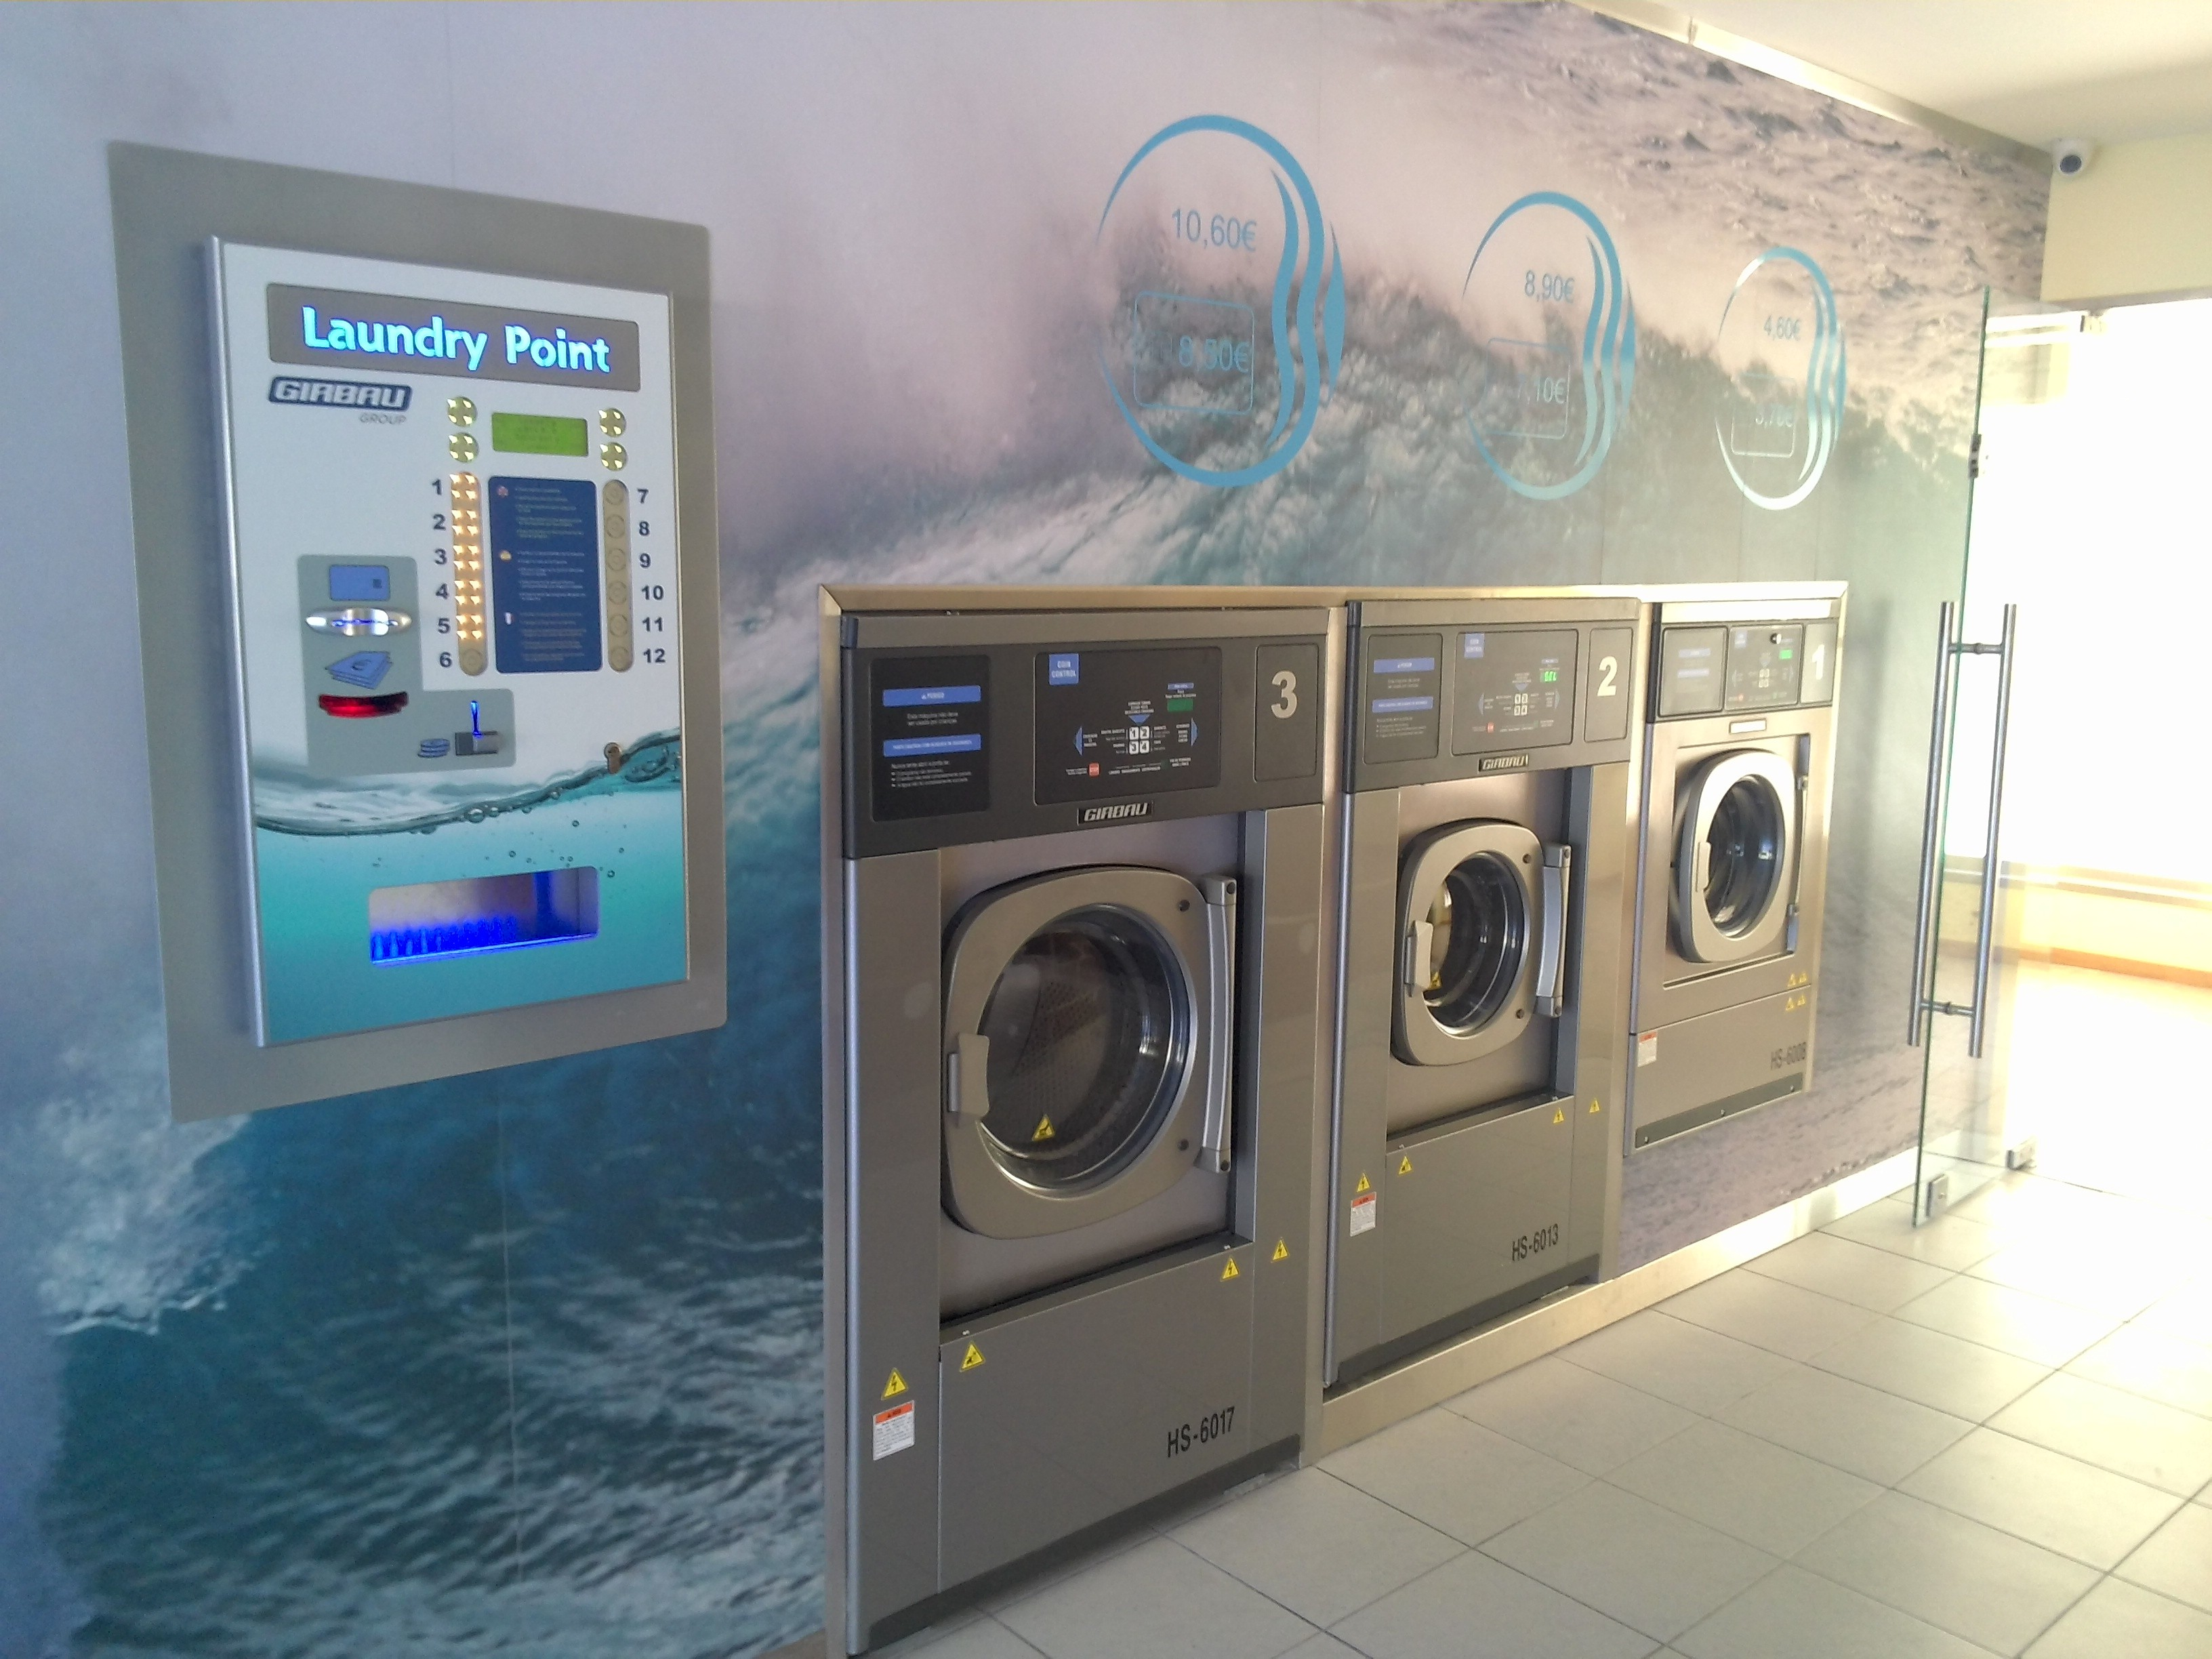 Central de pagamentos laundry pro eduardo verde for Lavanderia self service catania